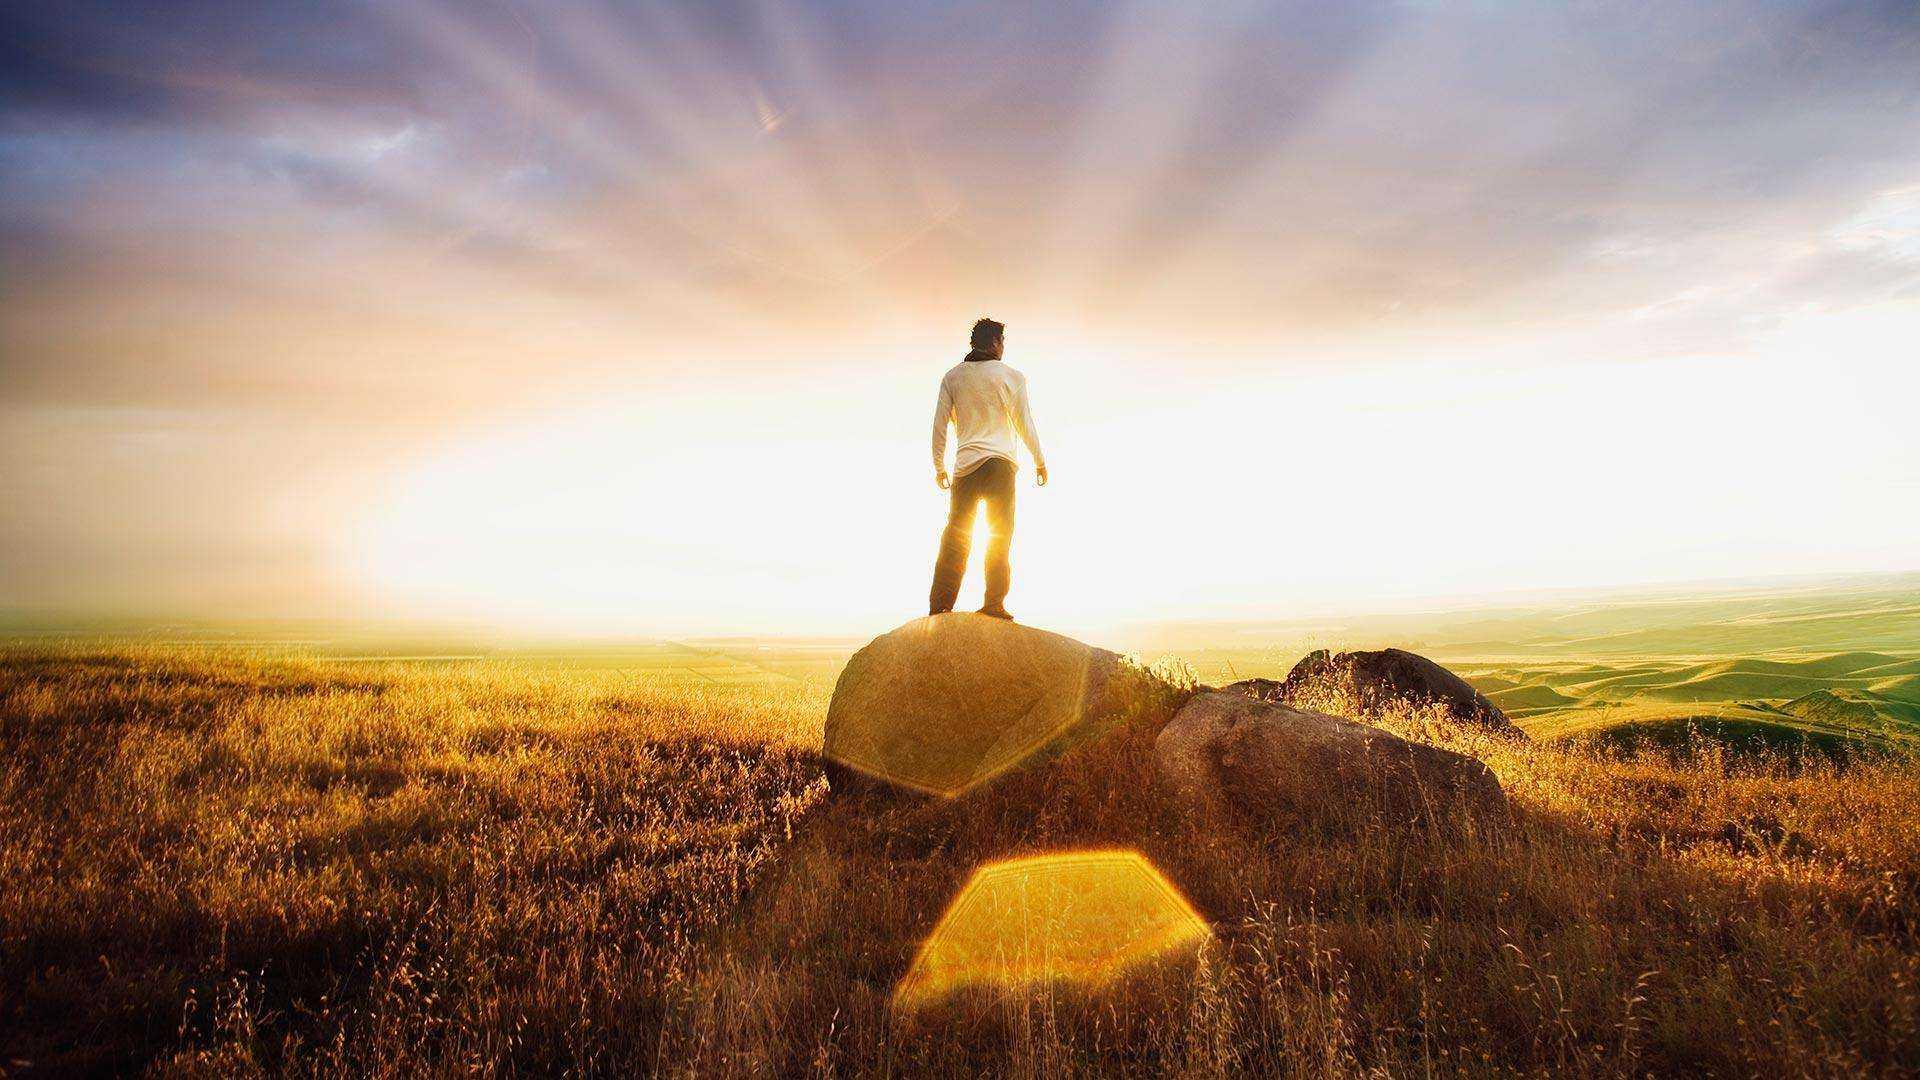 Жизненный мир и его границы | скрытый смысл